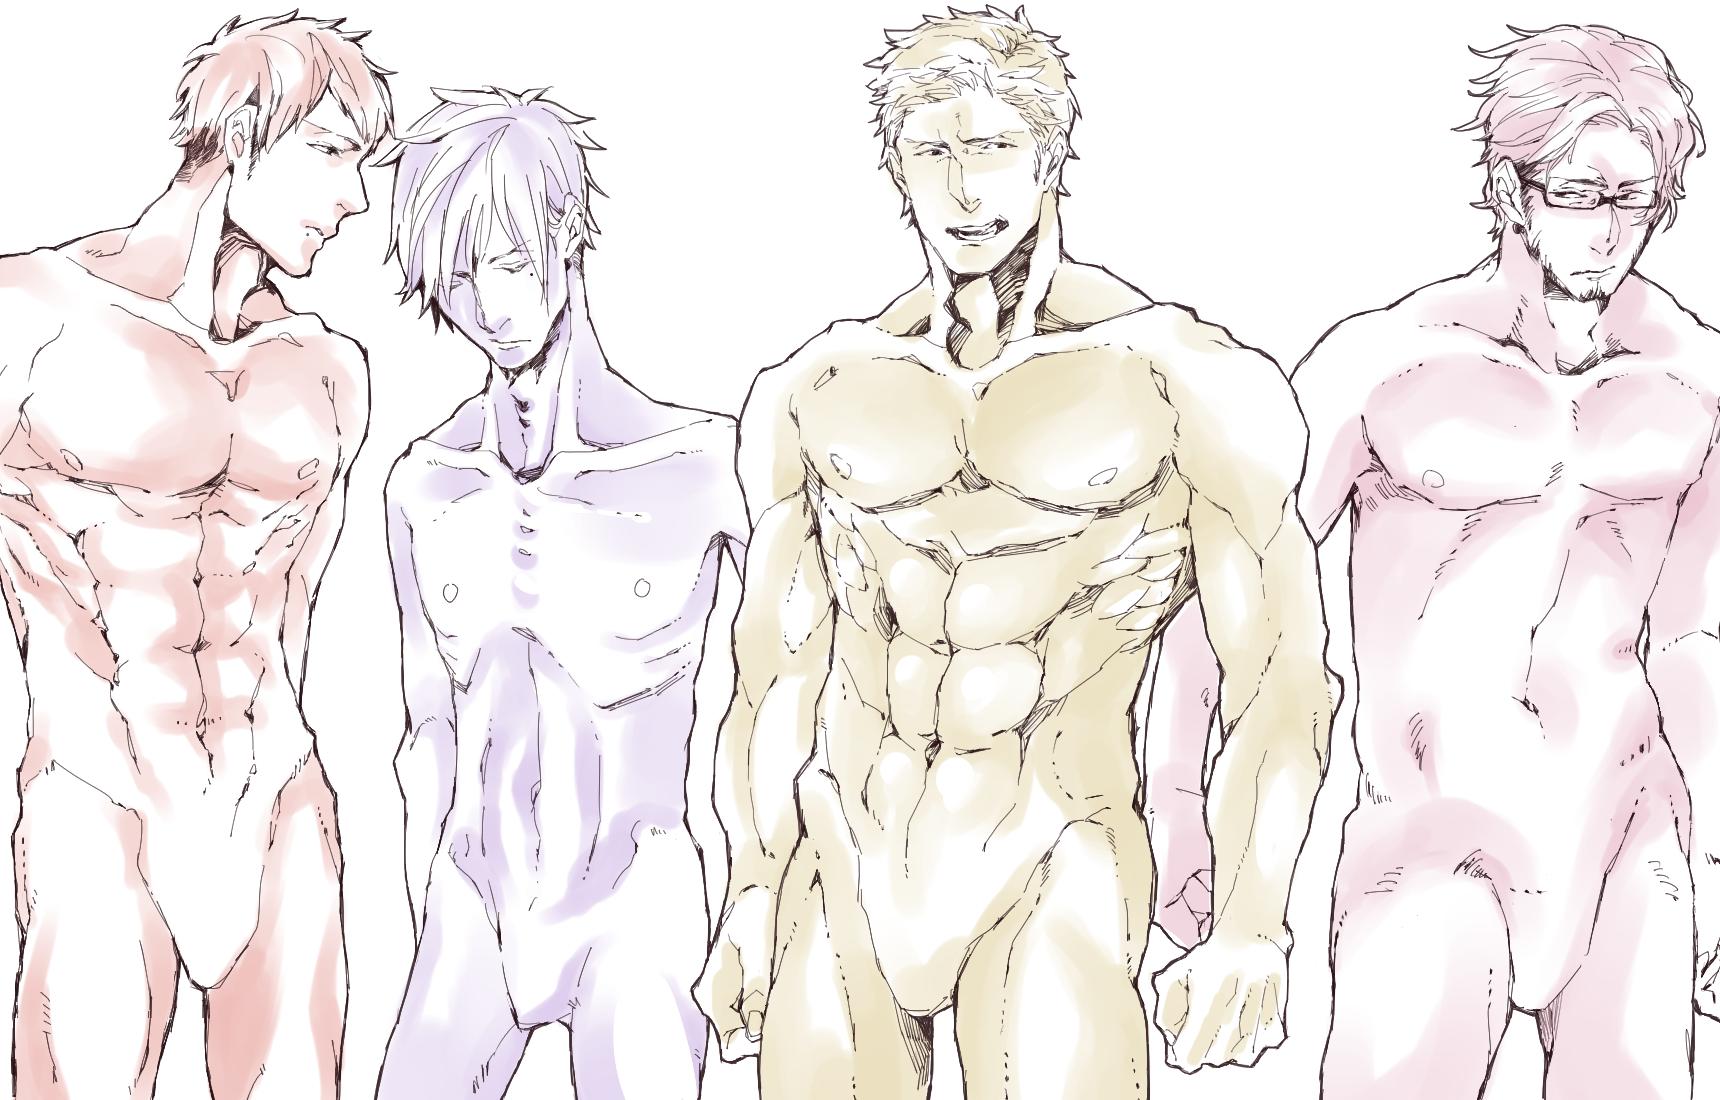 男性キャラクターの体型の描きわけ方